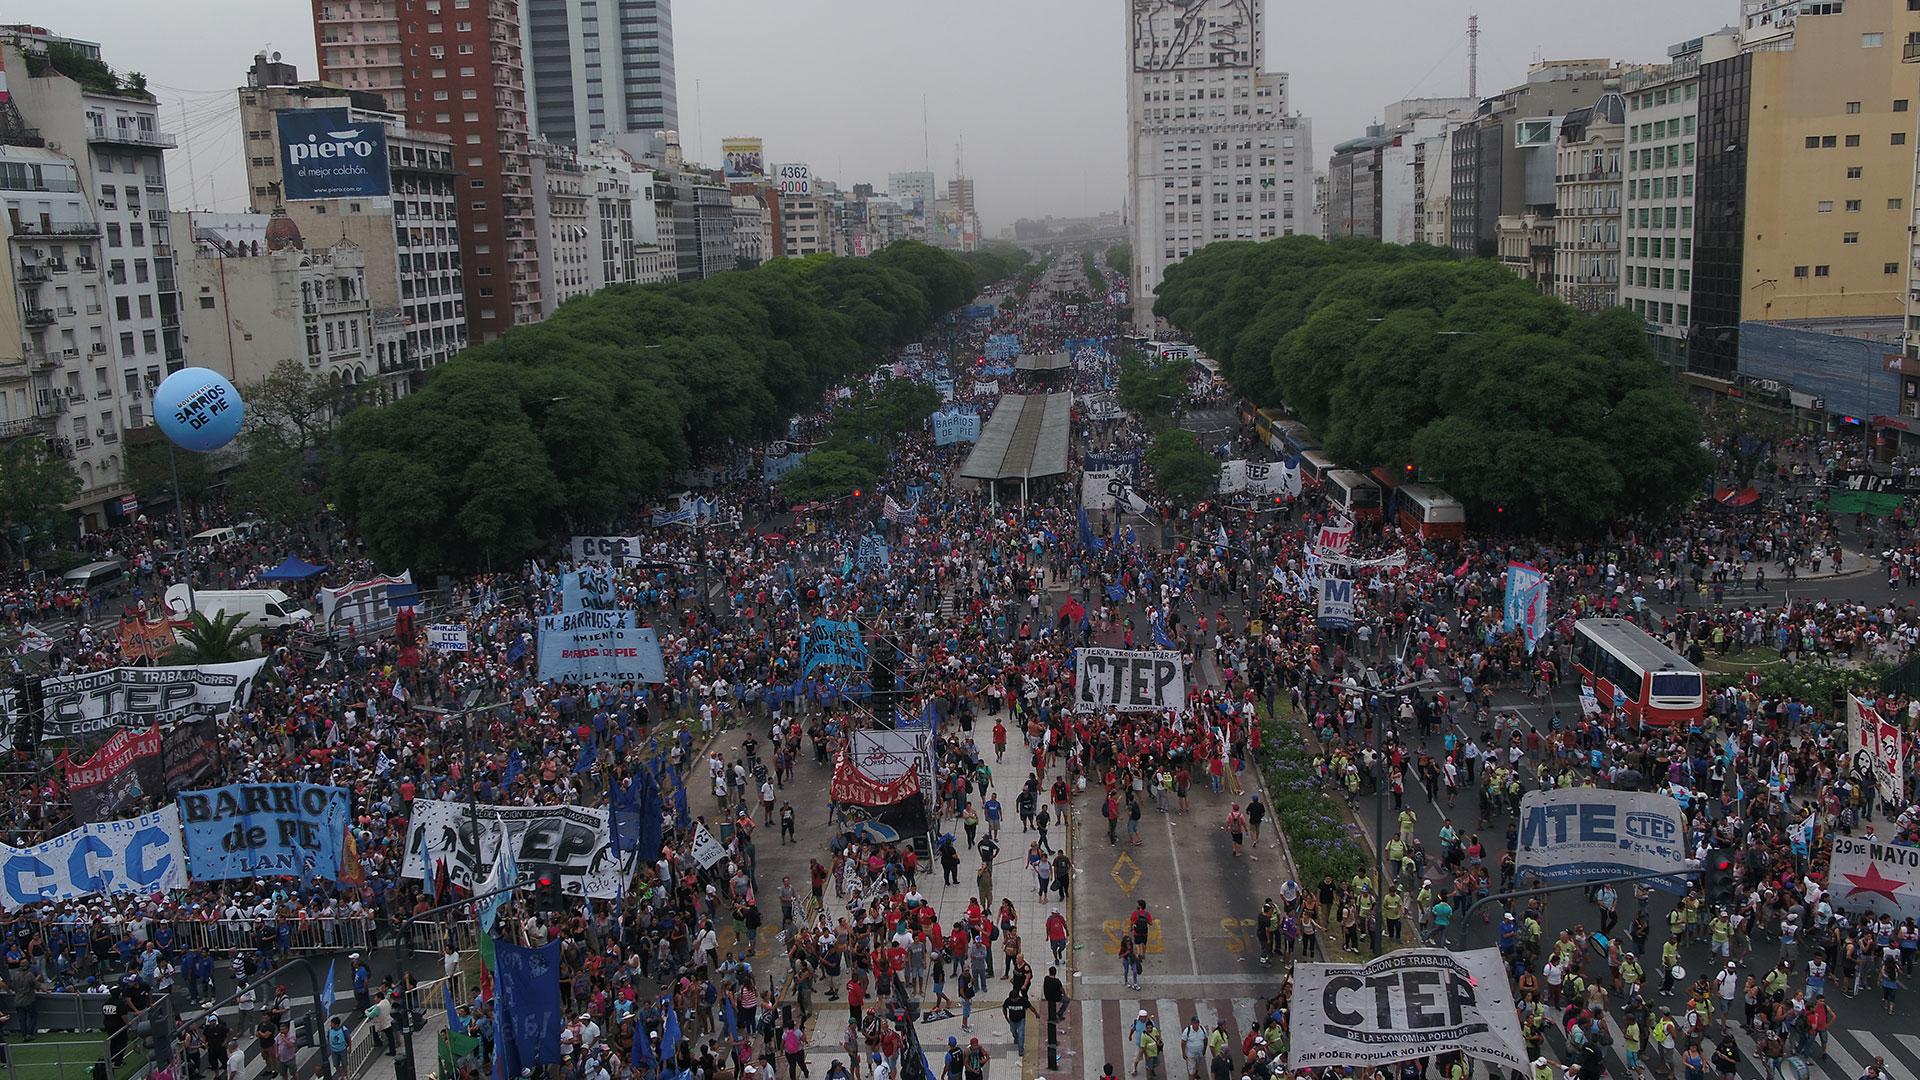 La movilización del 13 de diciembre impulsada por las organizaciones sociales